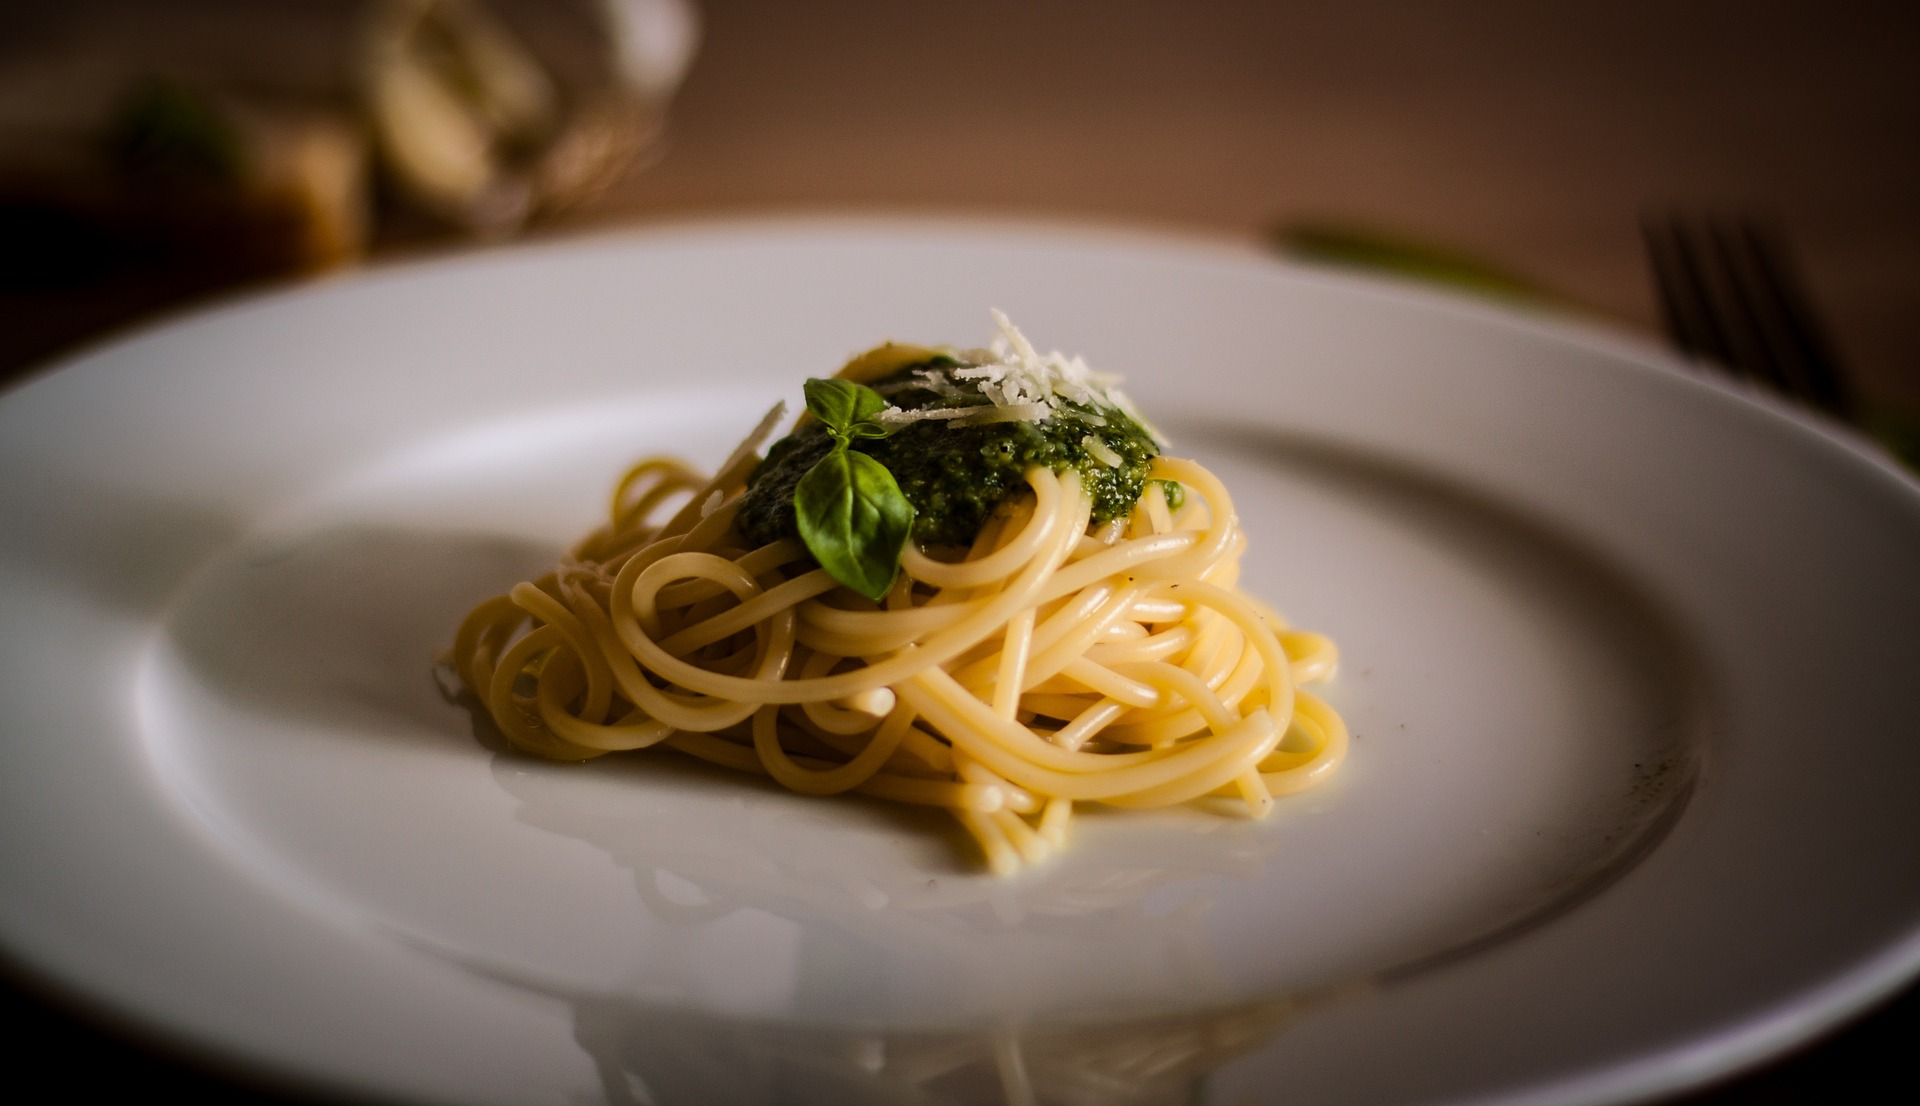 Pasta lunga, pasta corta, trofie o gnocchi di patate: marimonio perfetto con il Pesto